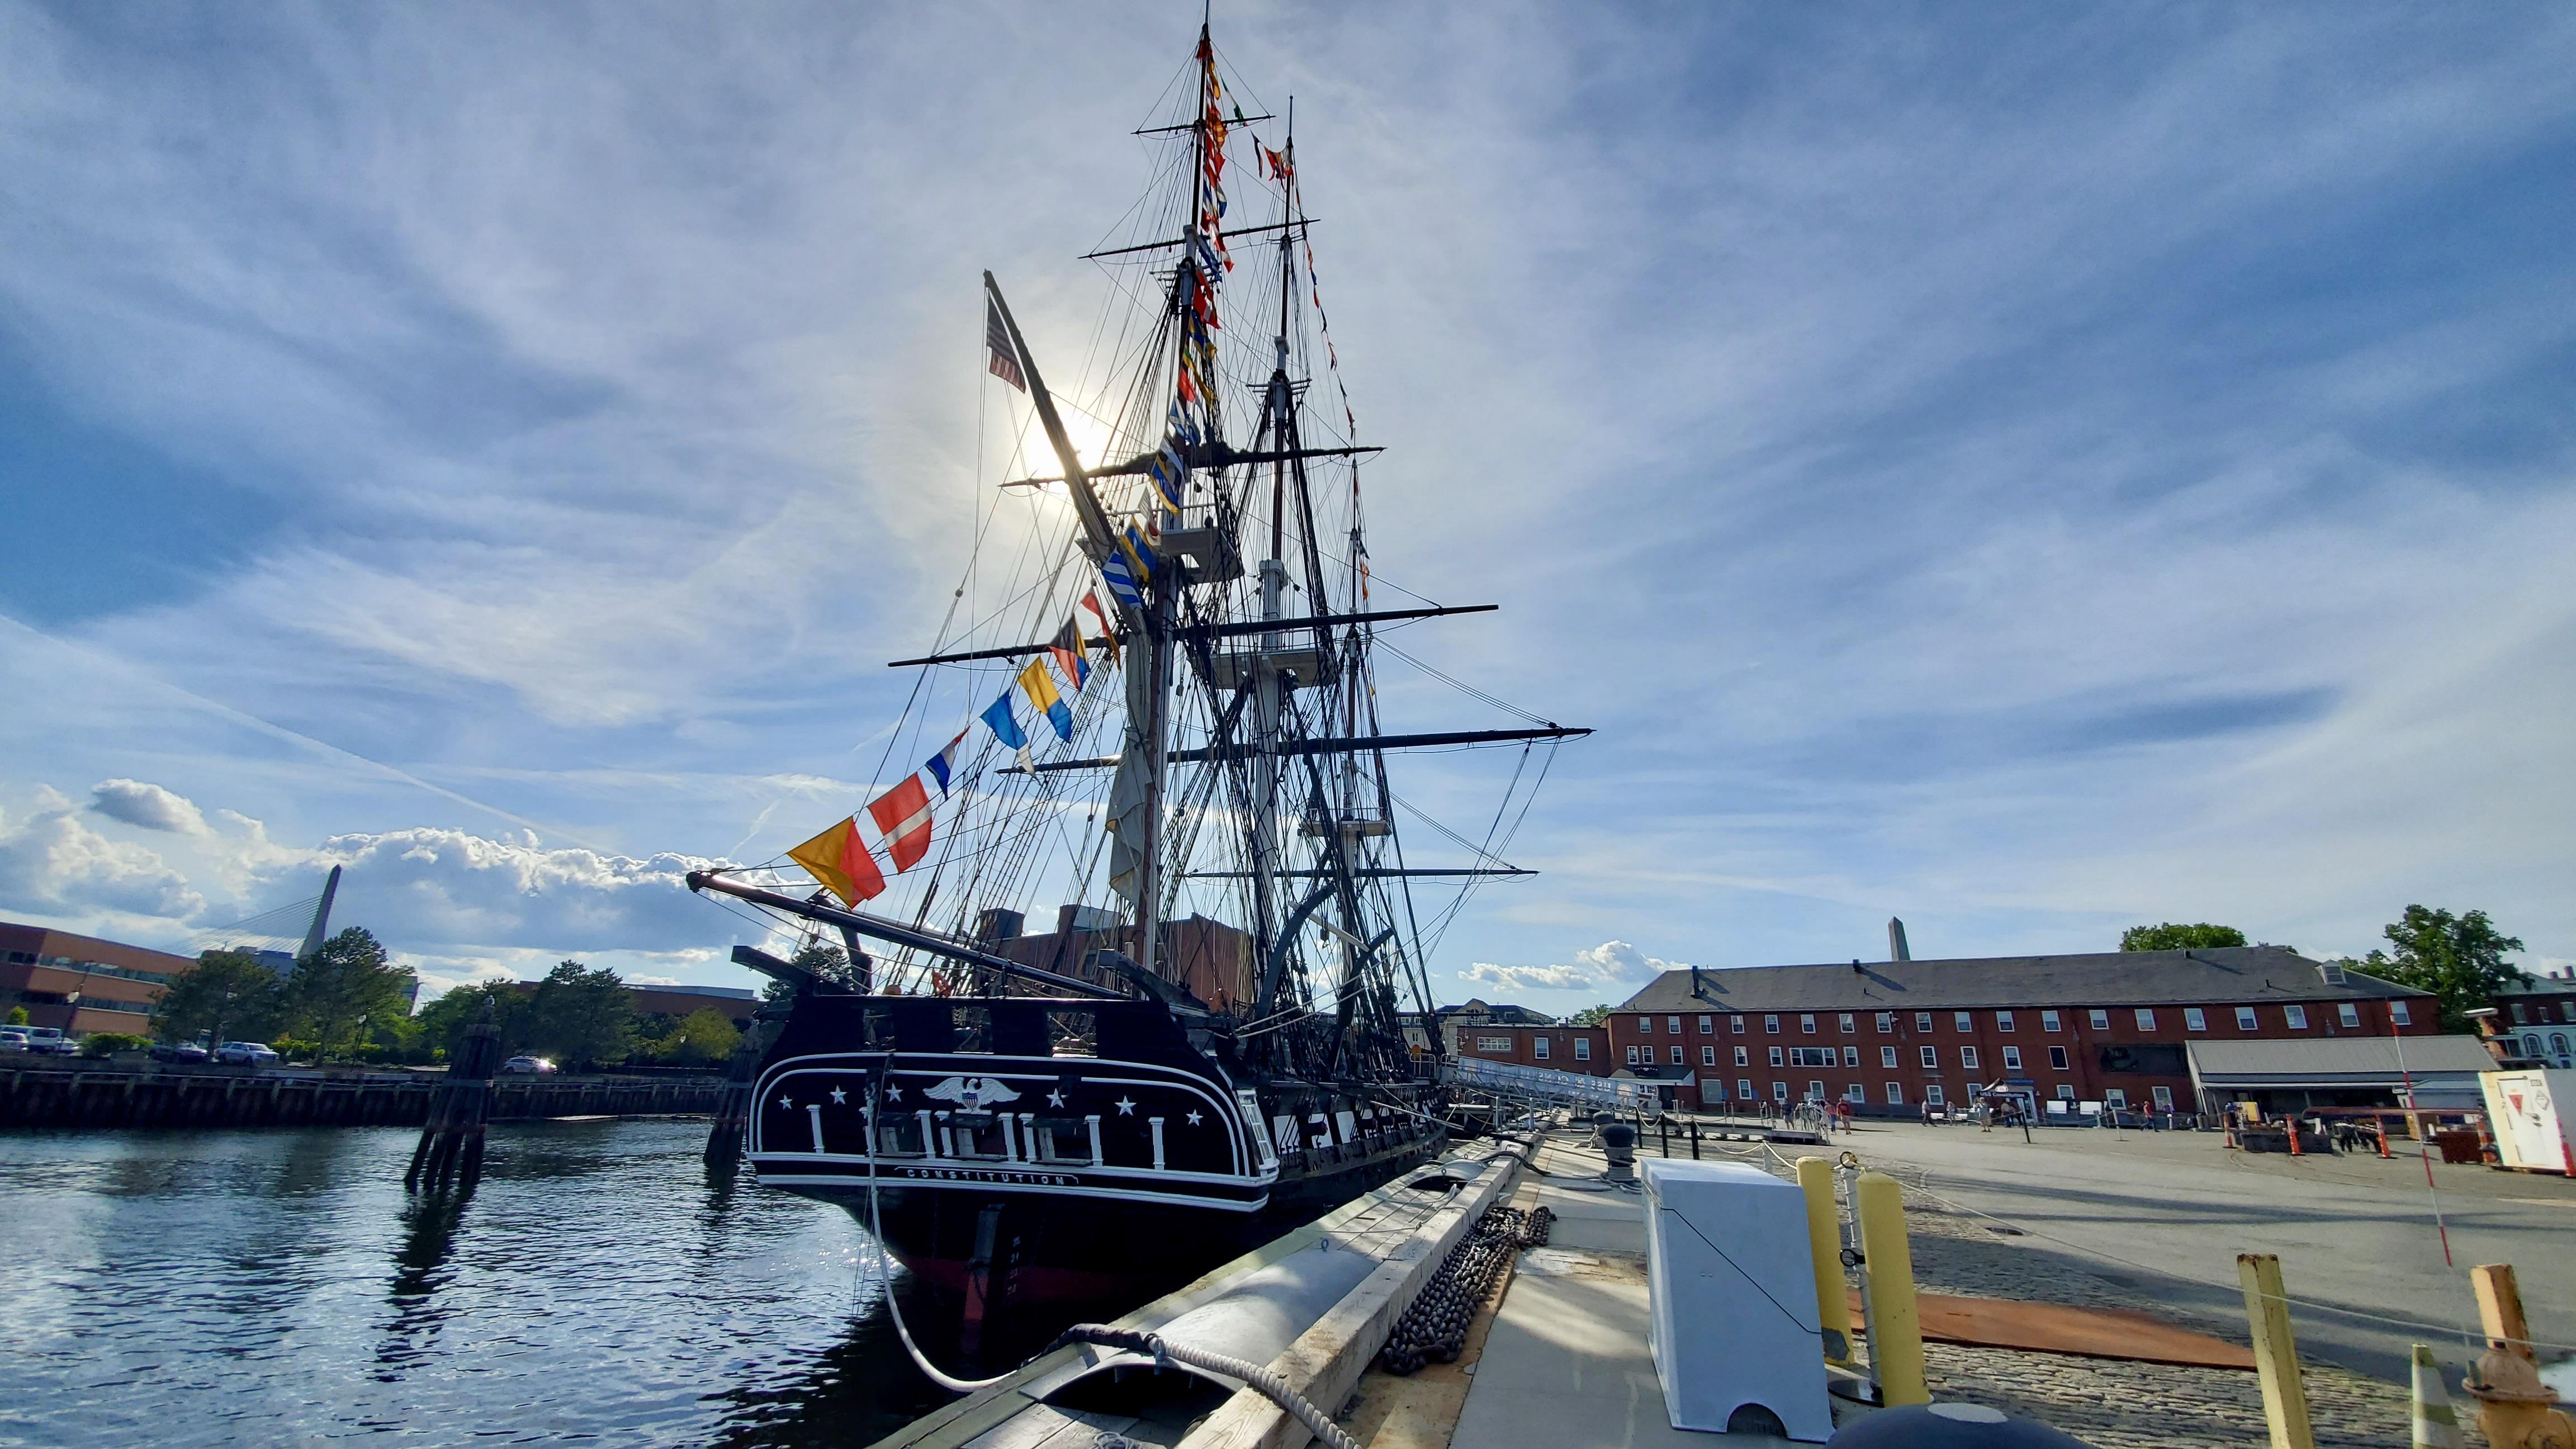 USS Constitution